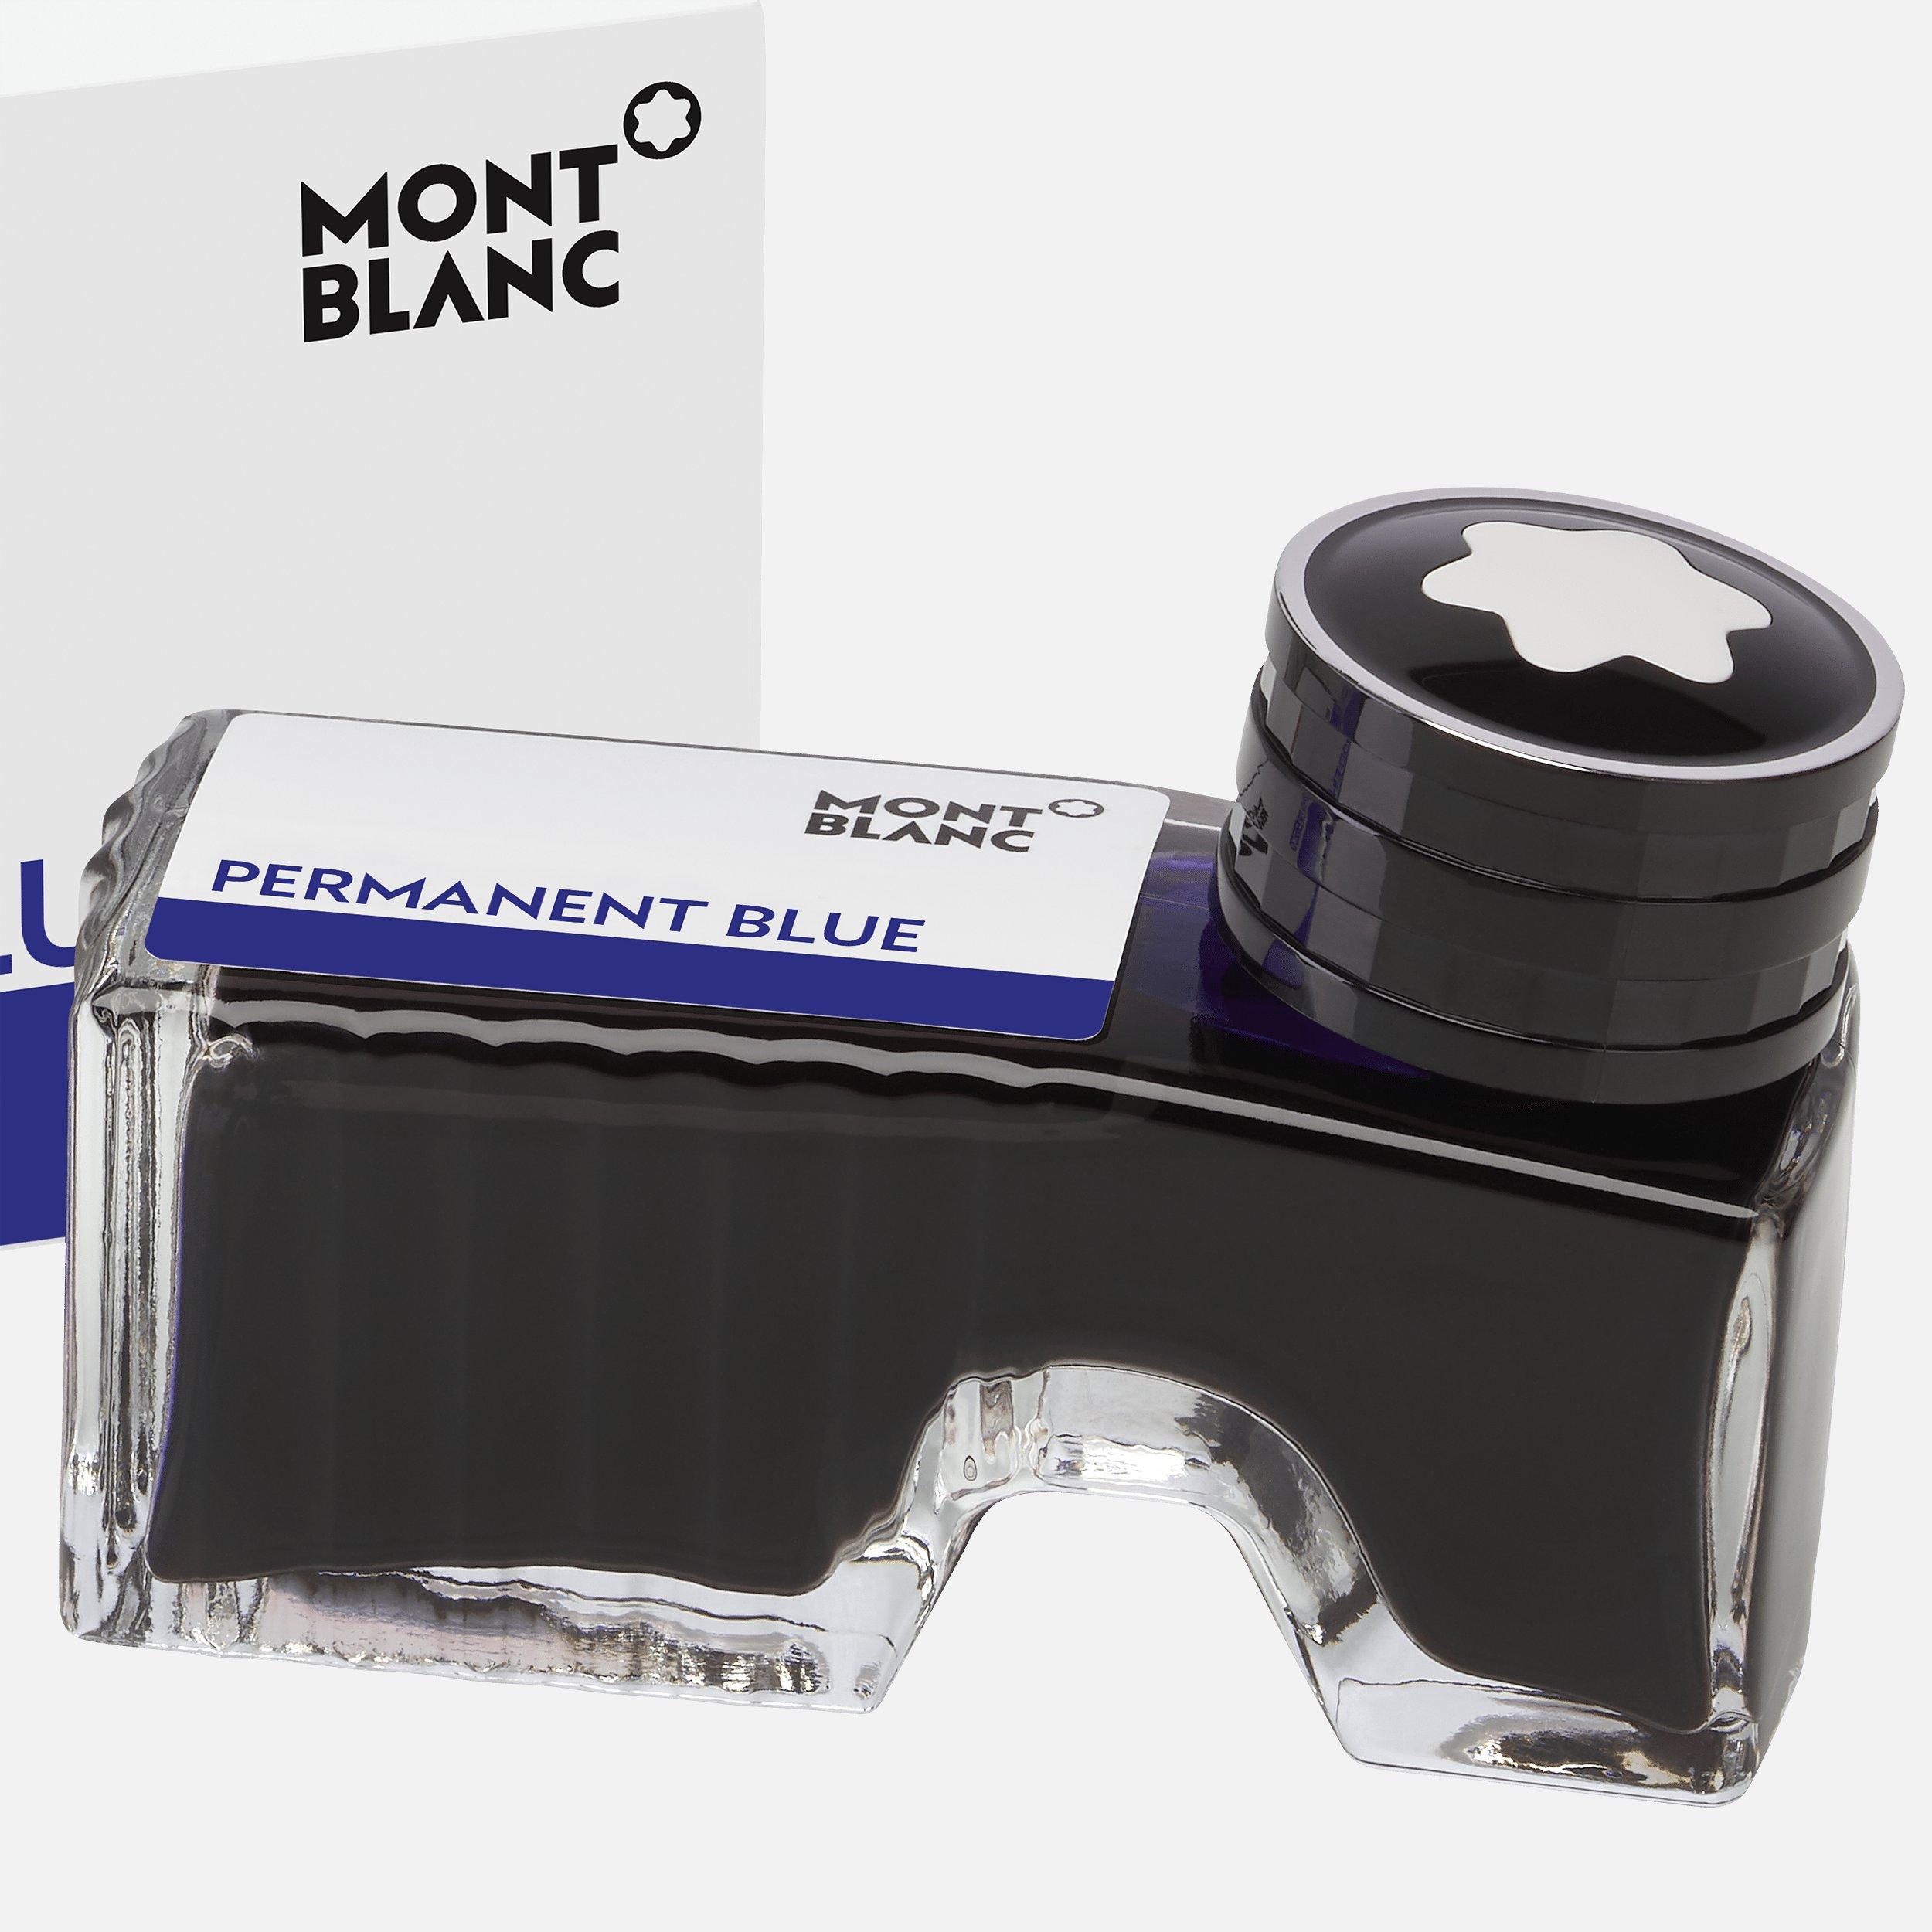 Flacon d'encre permanent bleu, 60 ml, Montblanc